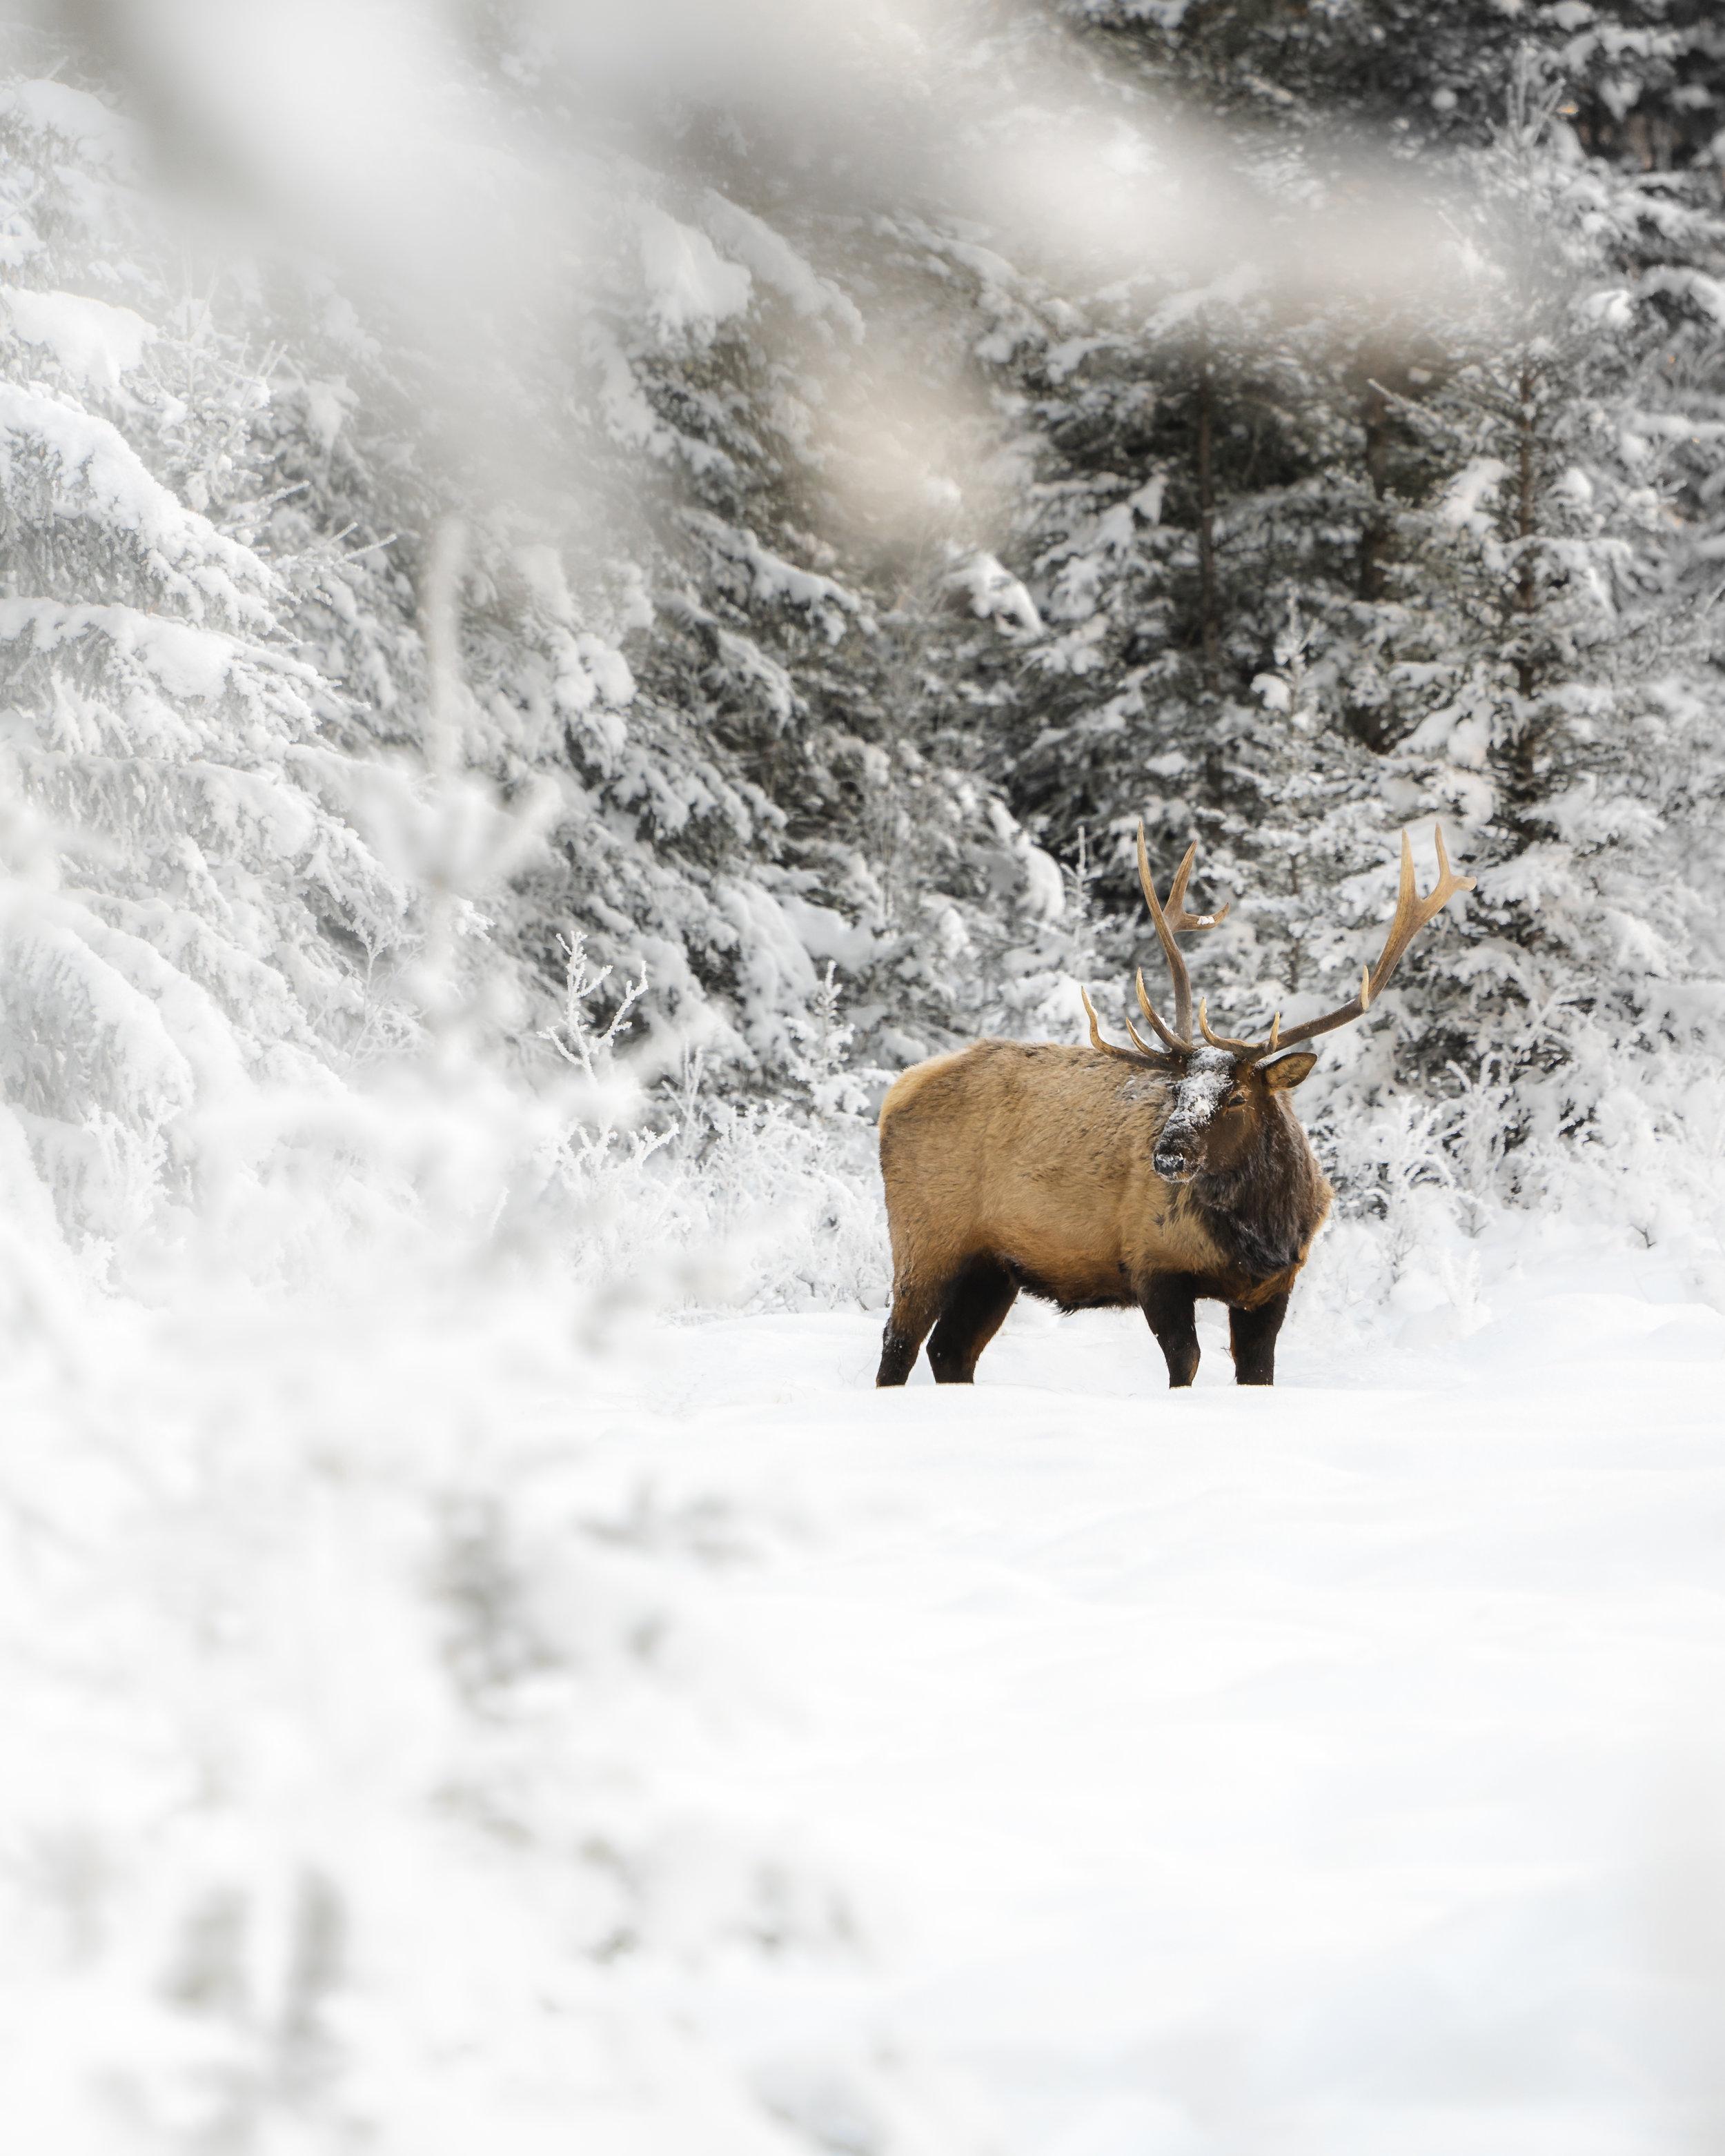 Elk in snow 2.jpg